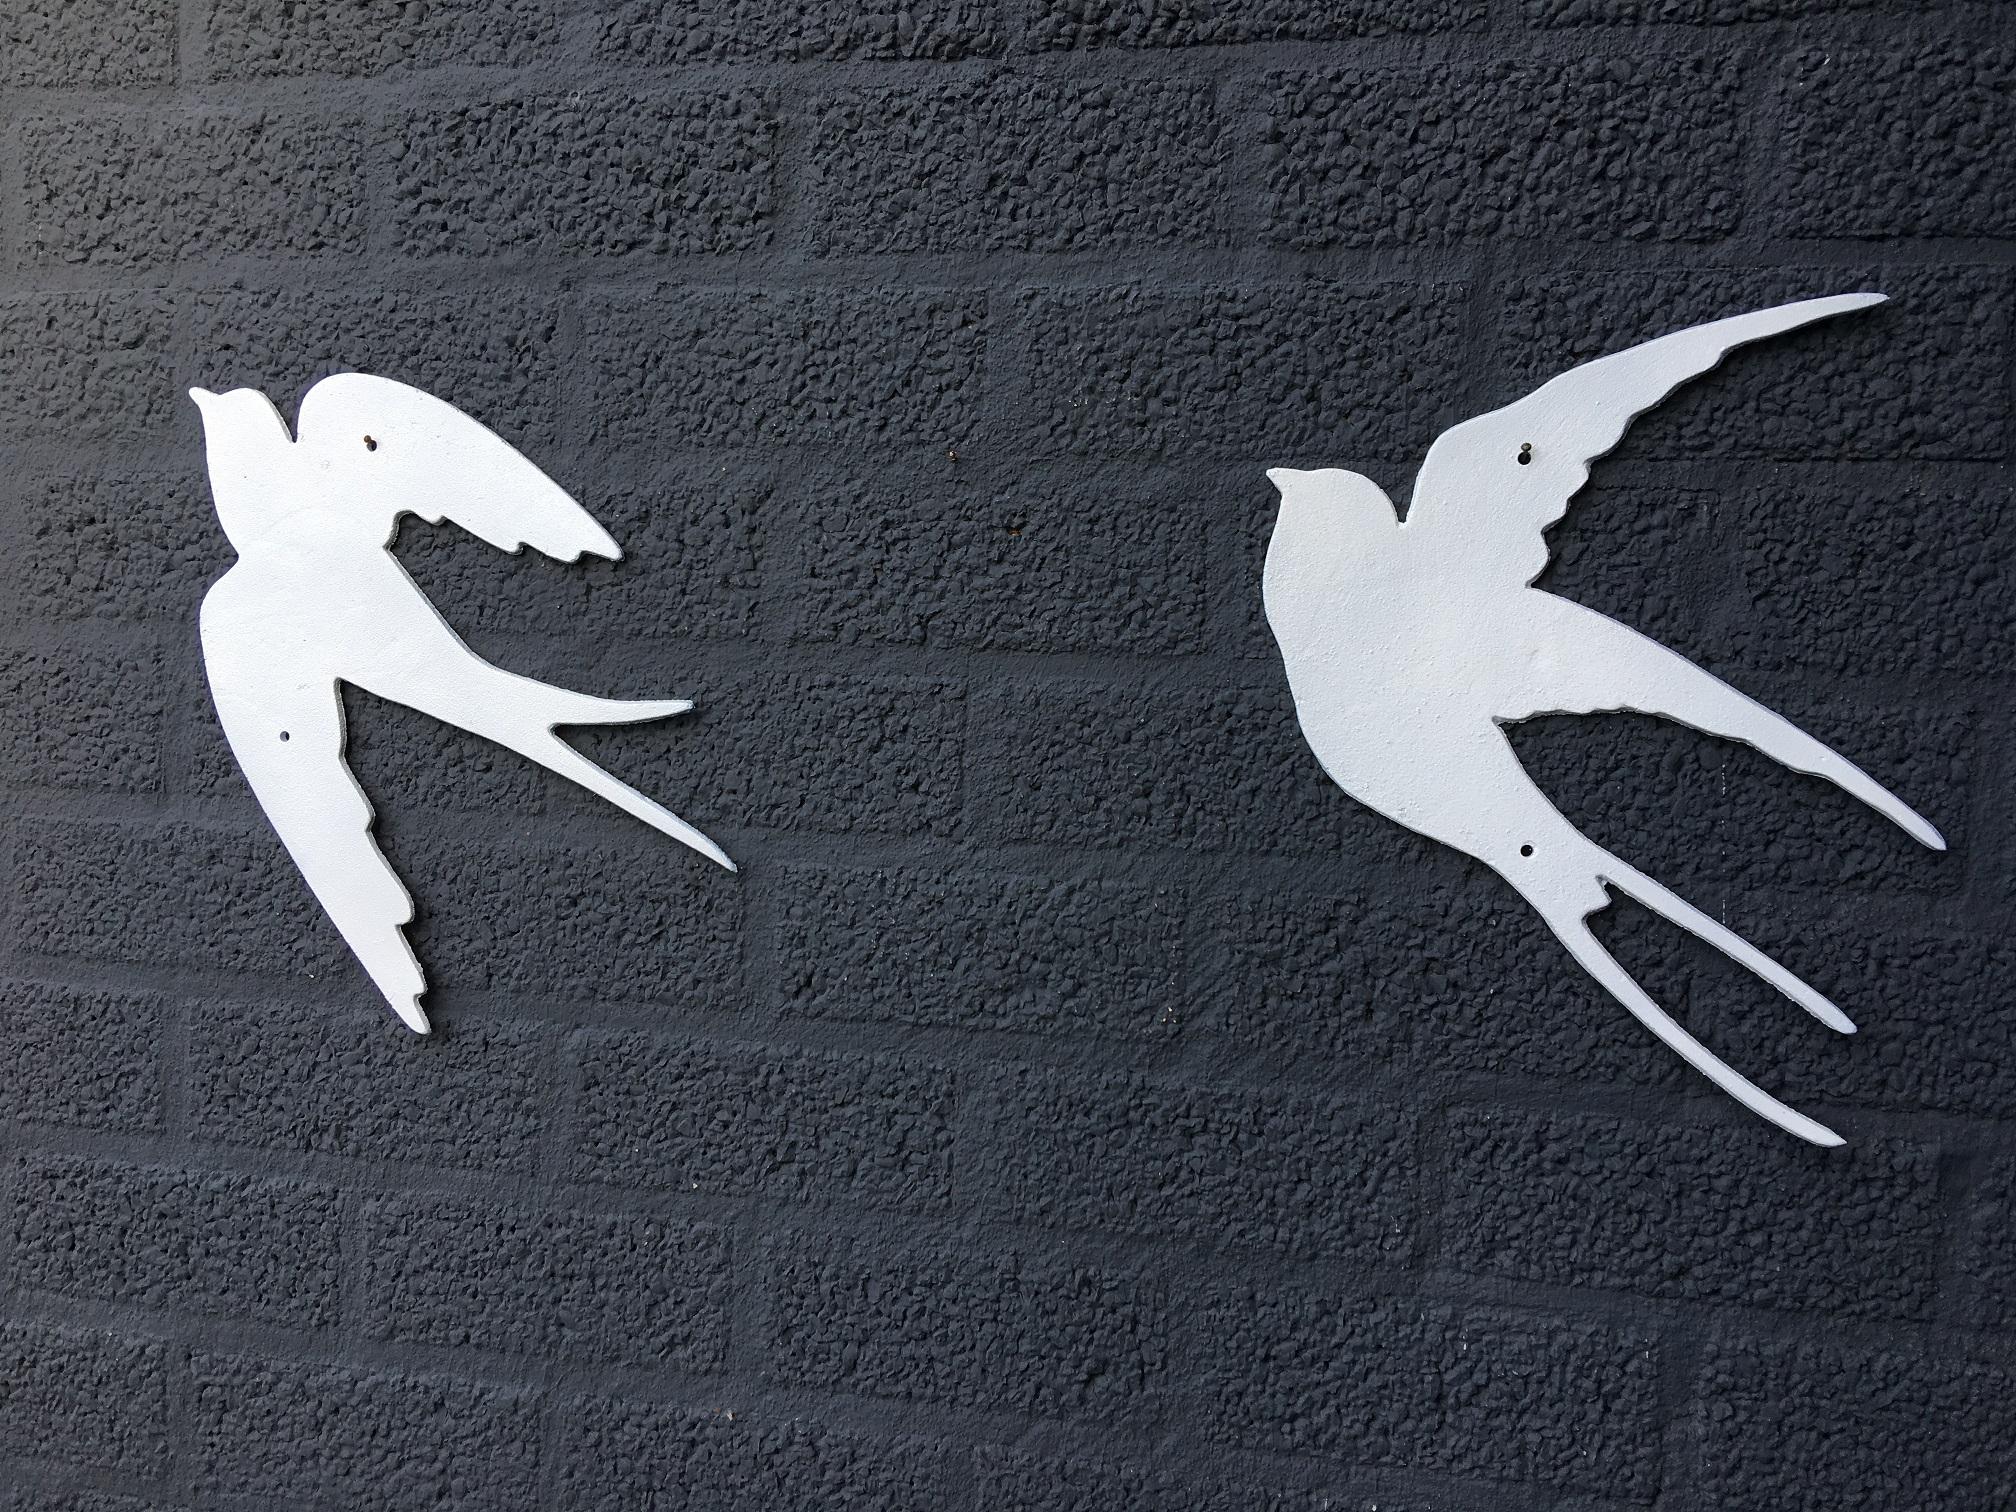 Tags slik decoratie met zwaluwen vogel decoratie metalen